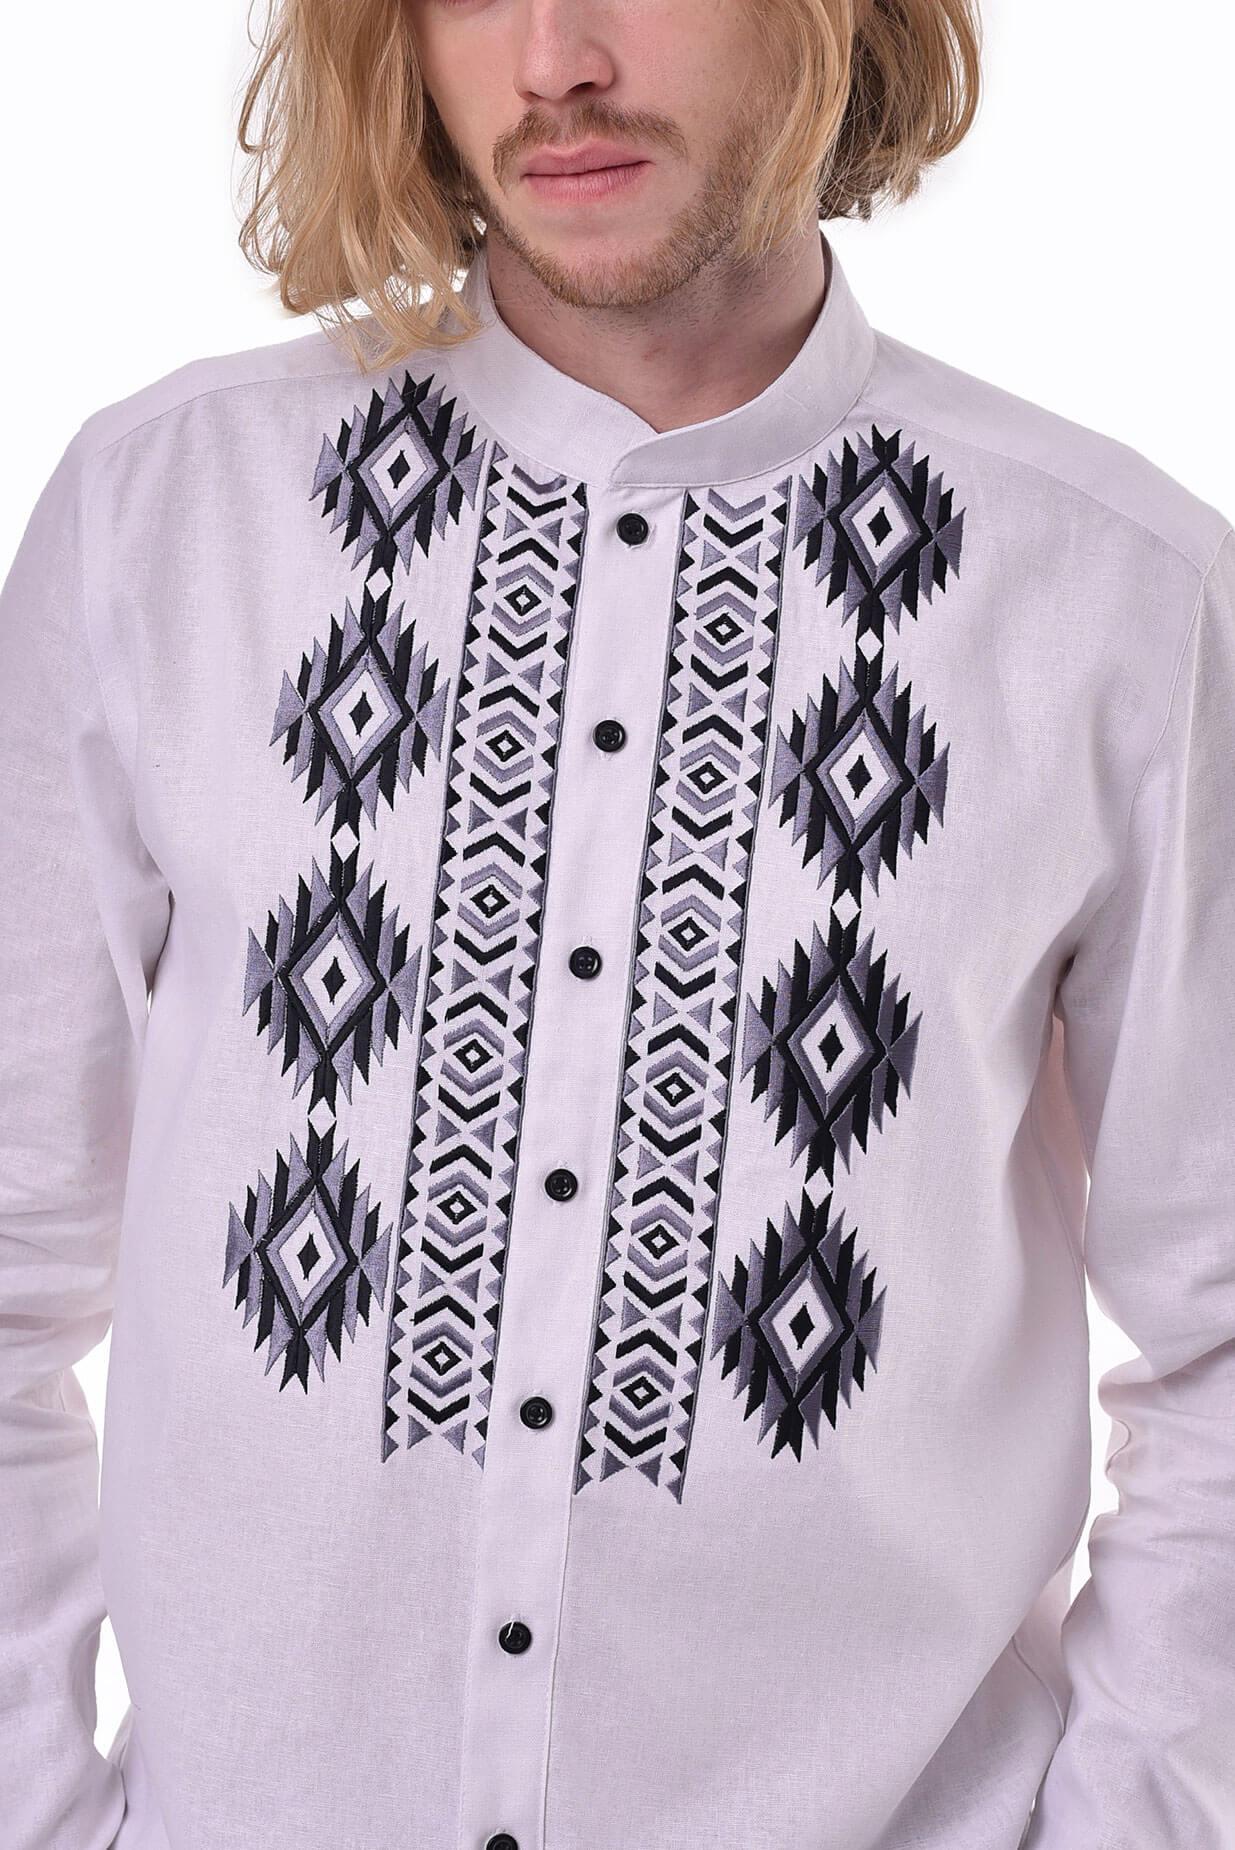 Чоловіча вишита сорочка «Звага» біла - 2KOLYORY f067f3e7fad01